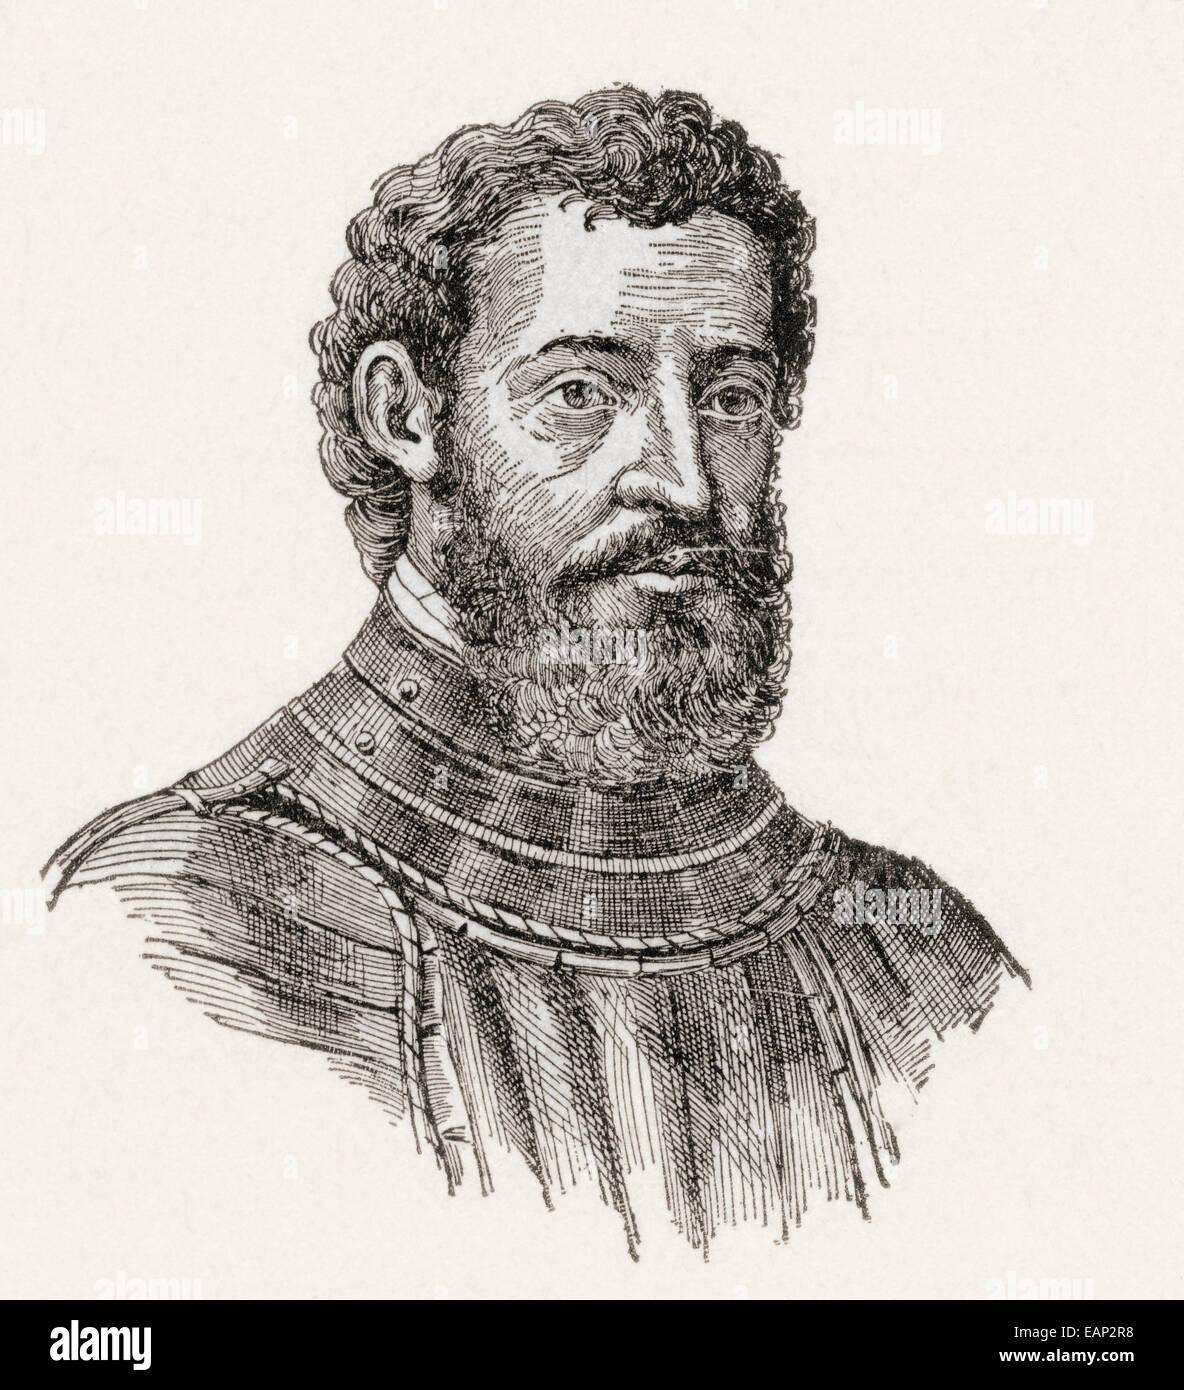 Giovanni da Verrazzano or Verrazano, 1485–1528.  Florentine explorer of North America. - Stock Image